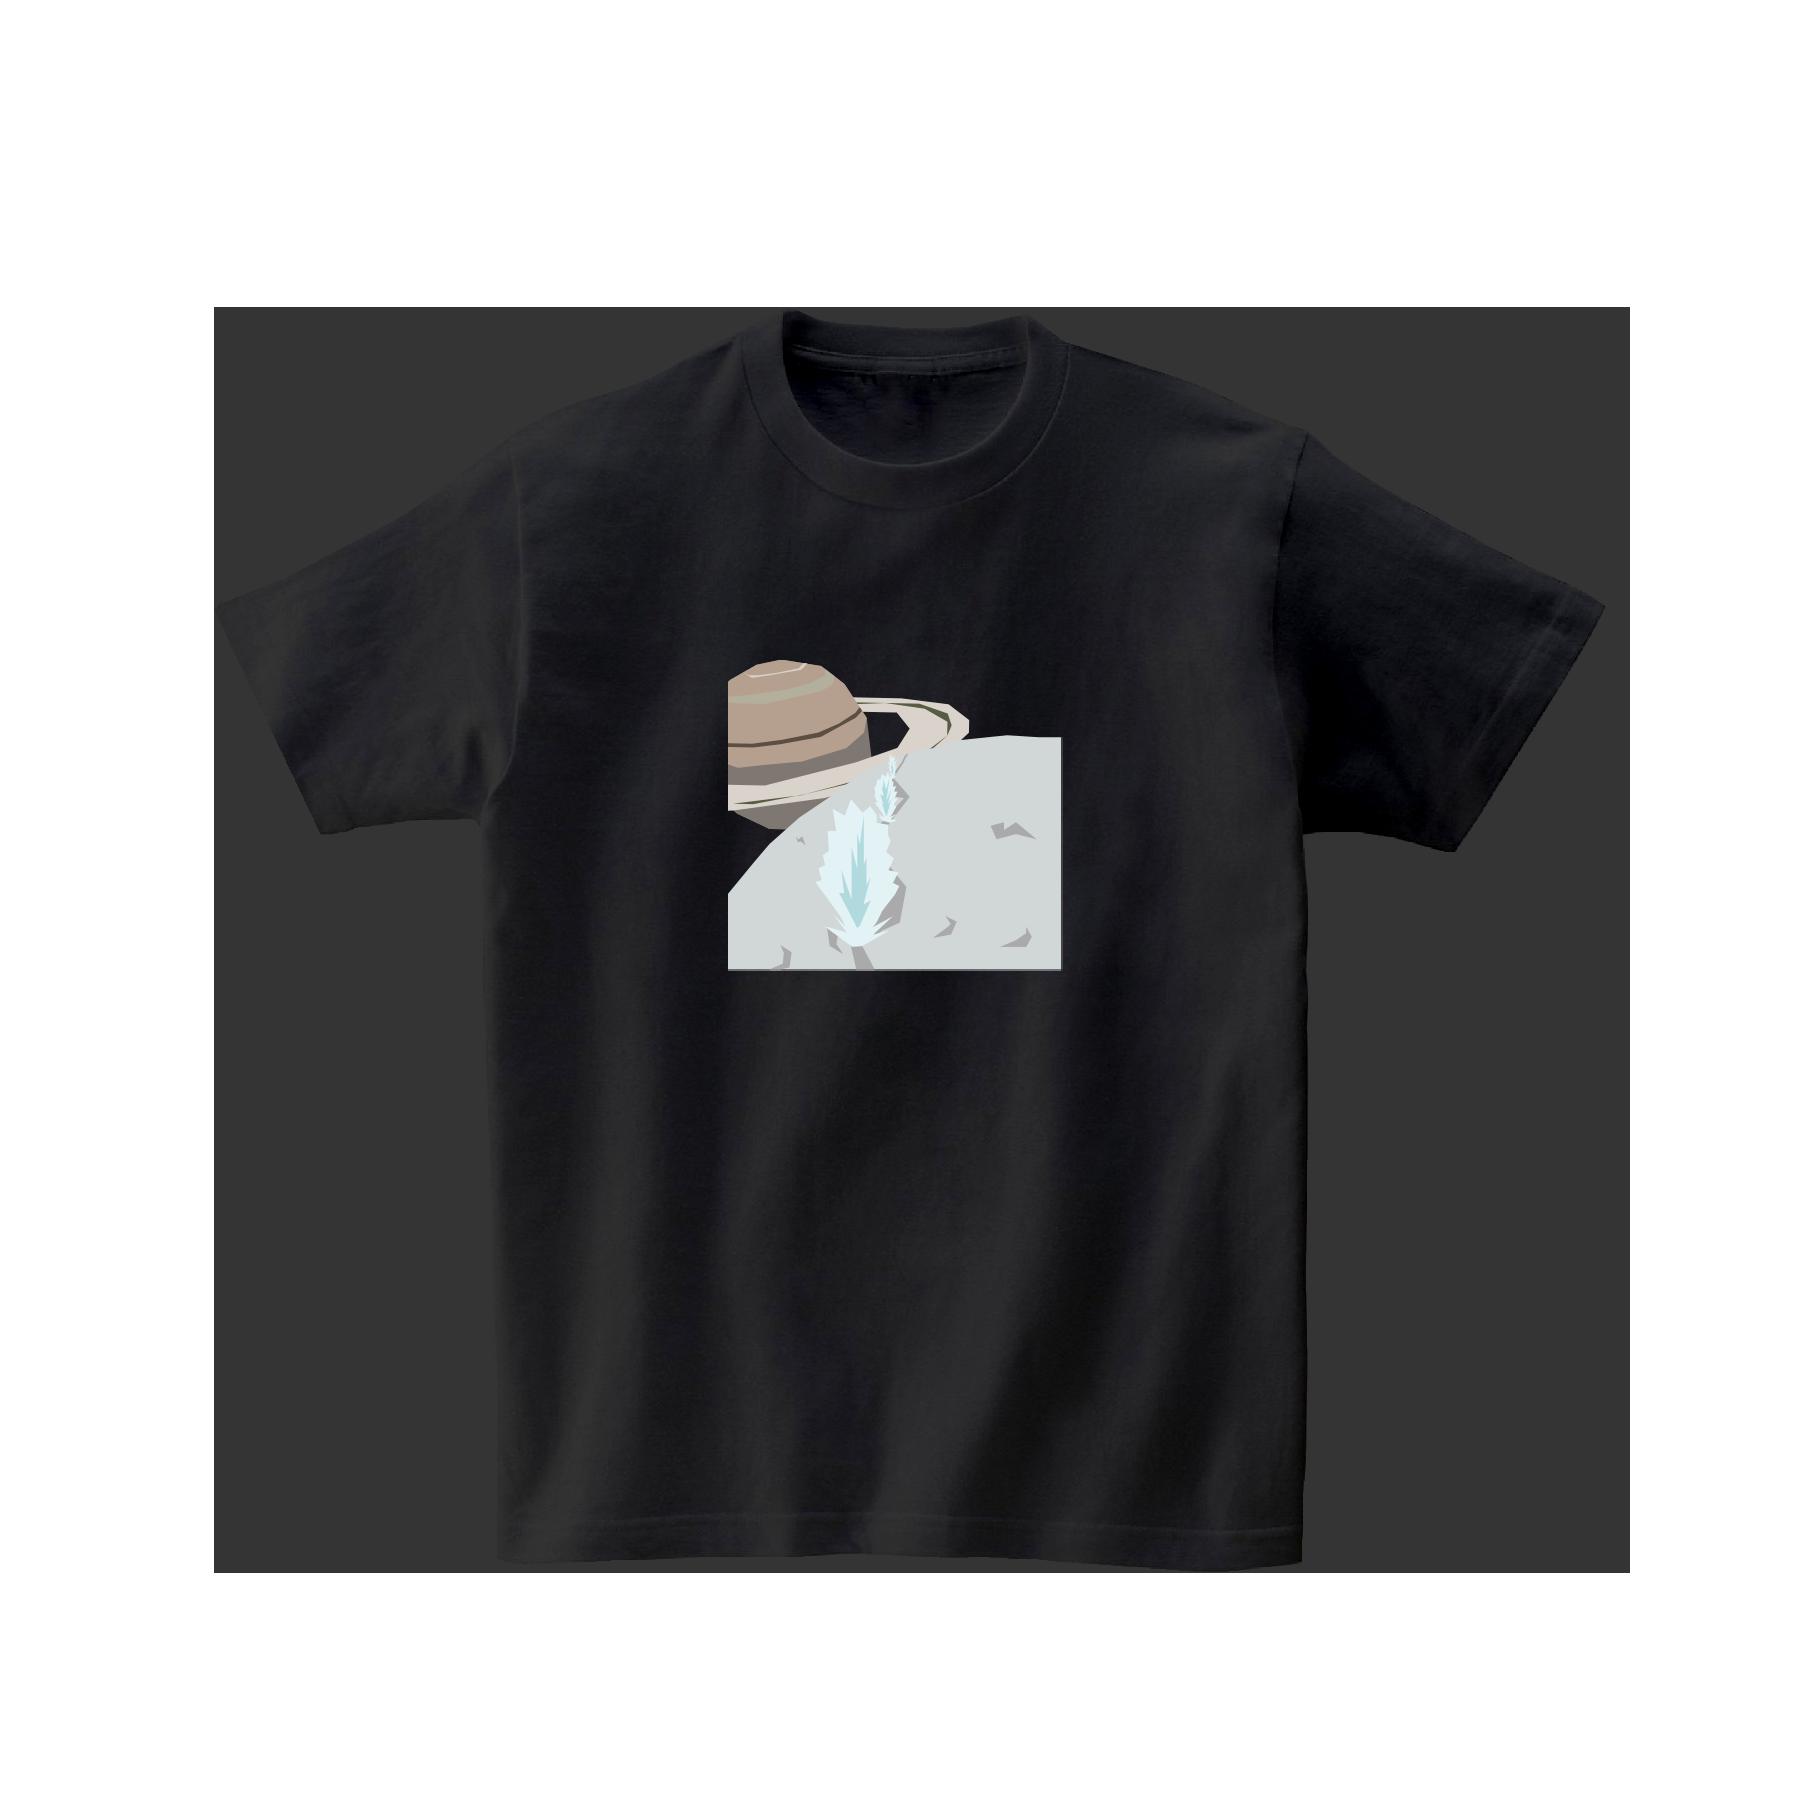 宇宙Tシャツ-エンケラドスの間欠泉